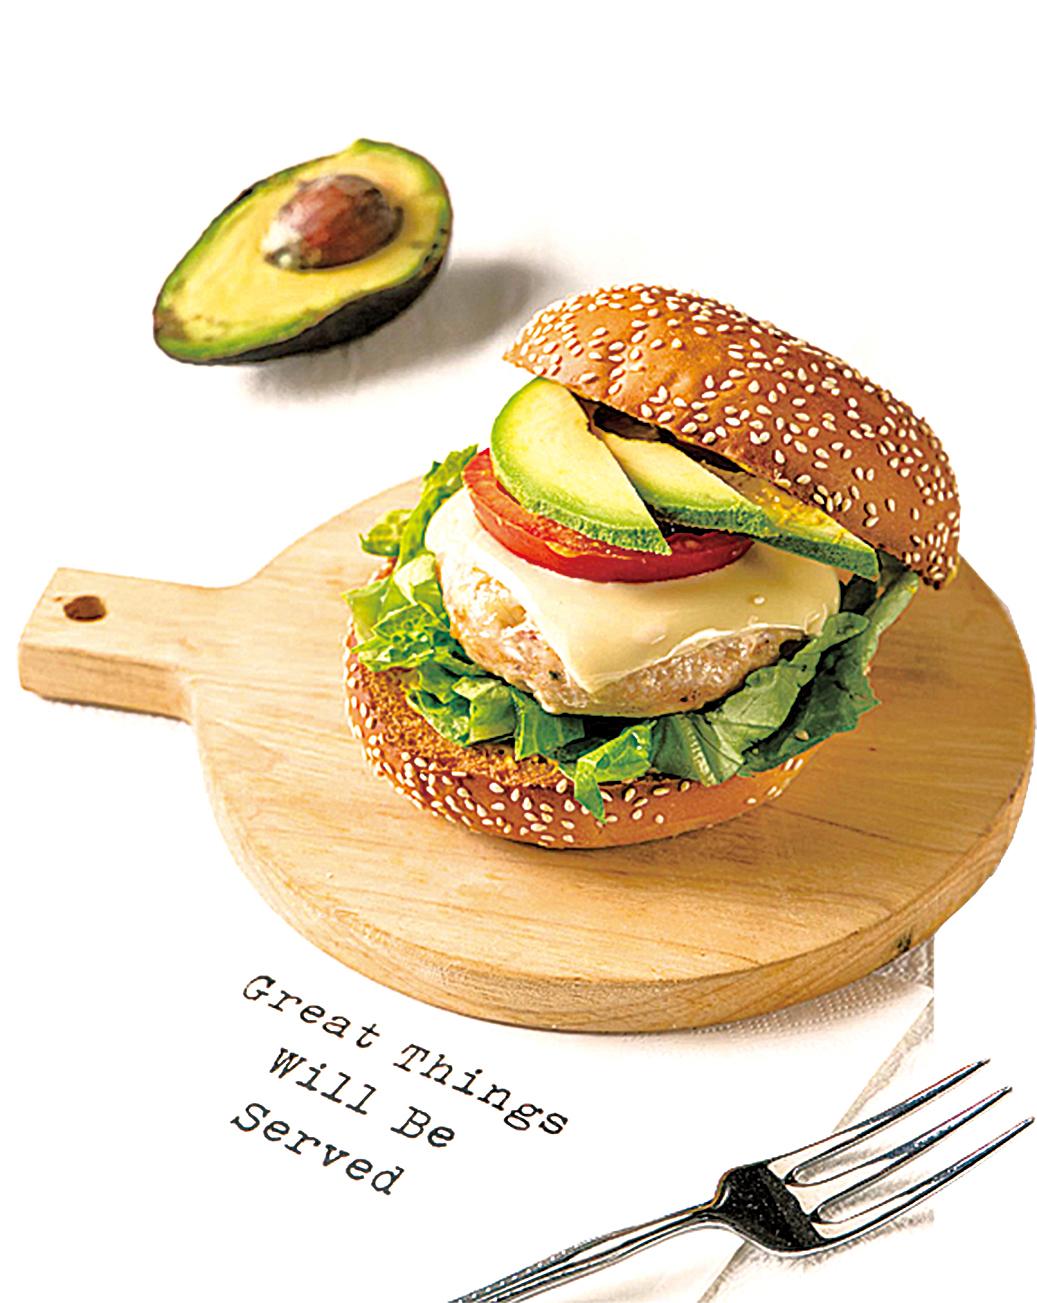 減脂也可以吃美味的雞胸肉漢堡。